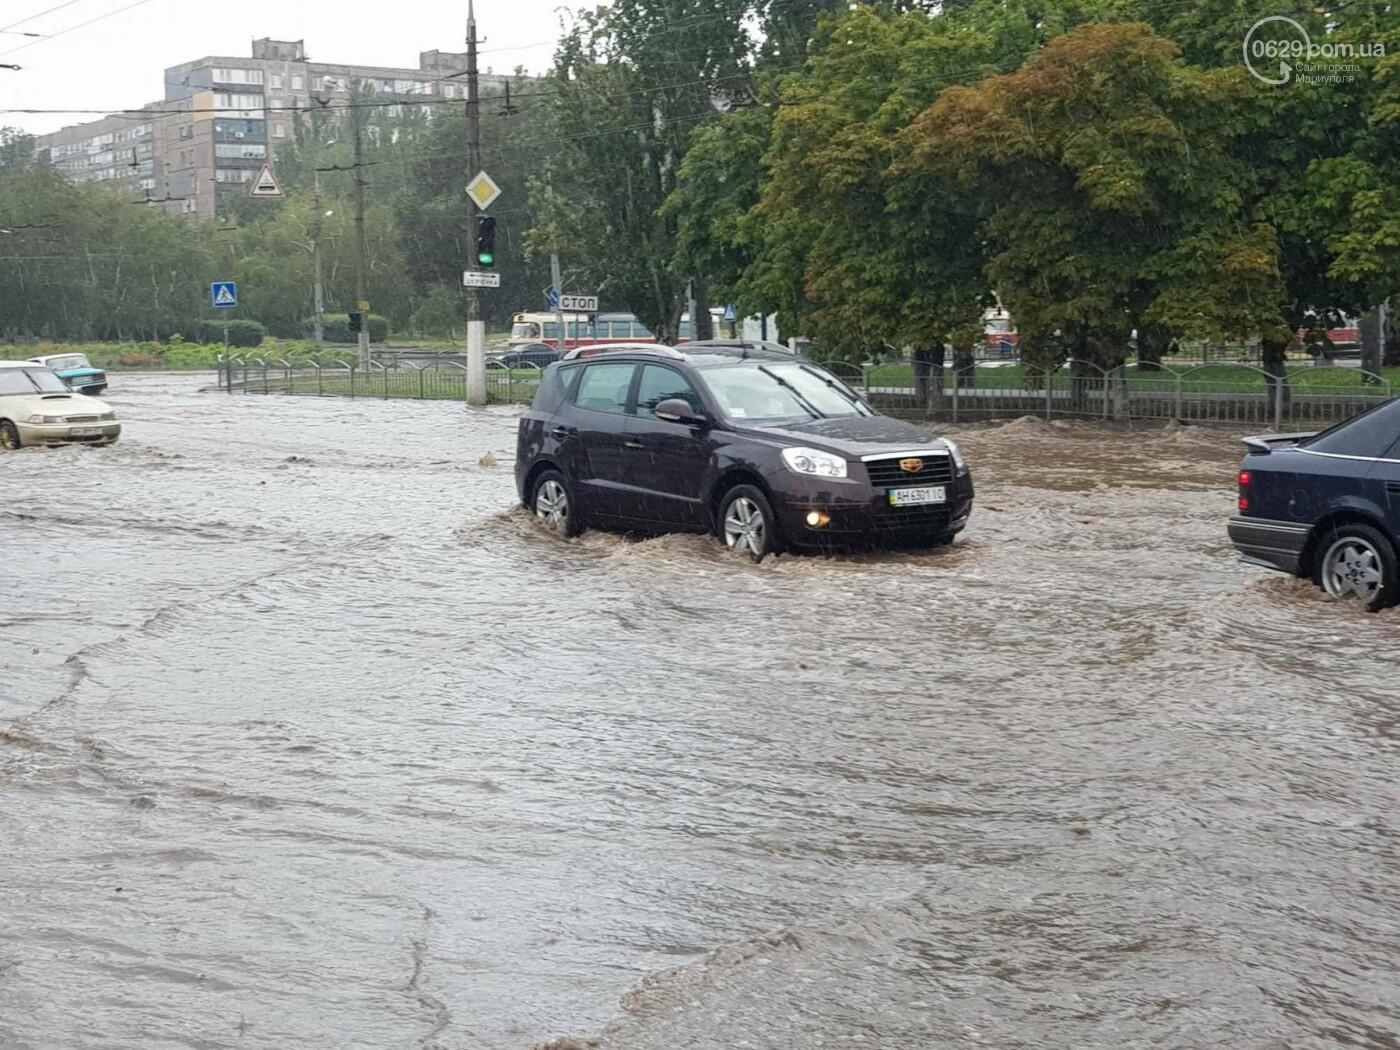 Мариупольцы оказались не подготовлены к ливню,  а площадь Кирова традиционно затопило, - ФОТО, ВИДЕО, фото-8